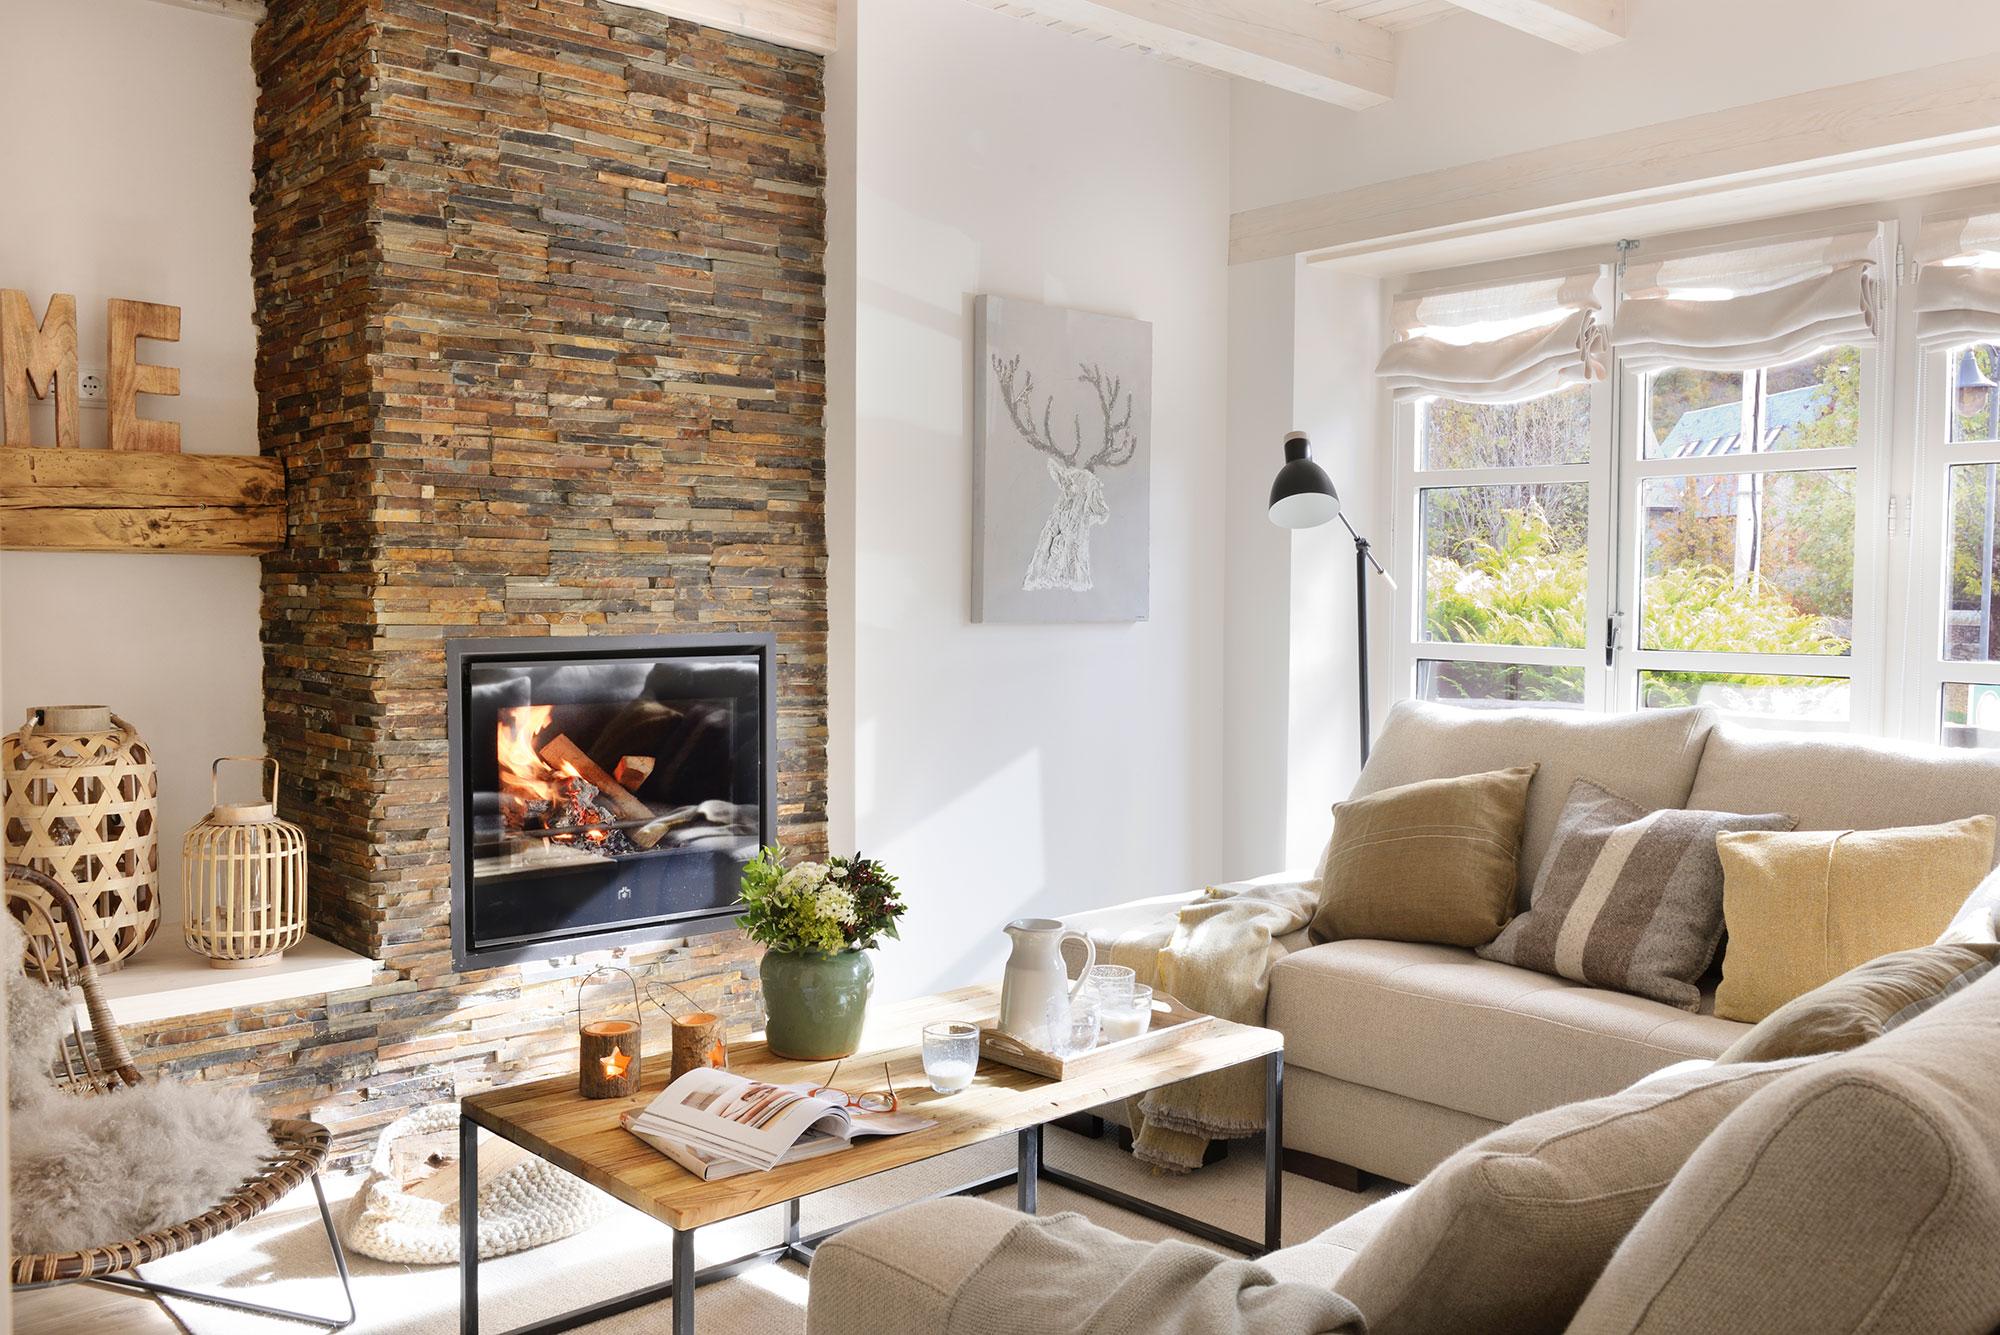 15 salones r sticos c lidos y con muy buenas ideas for Precios de piedra decorativa para interiores